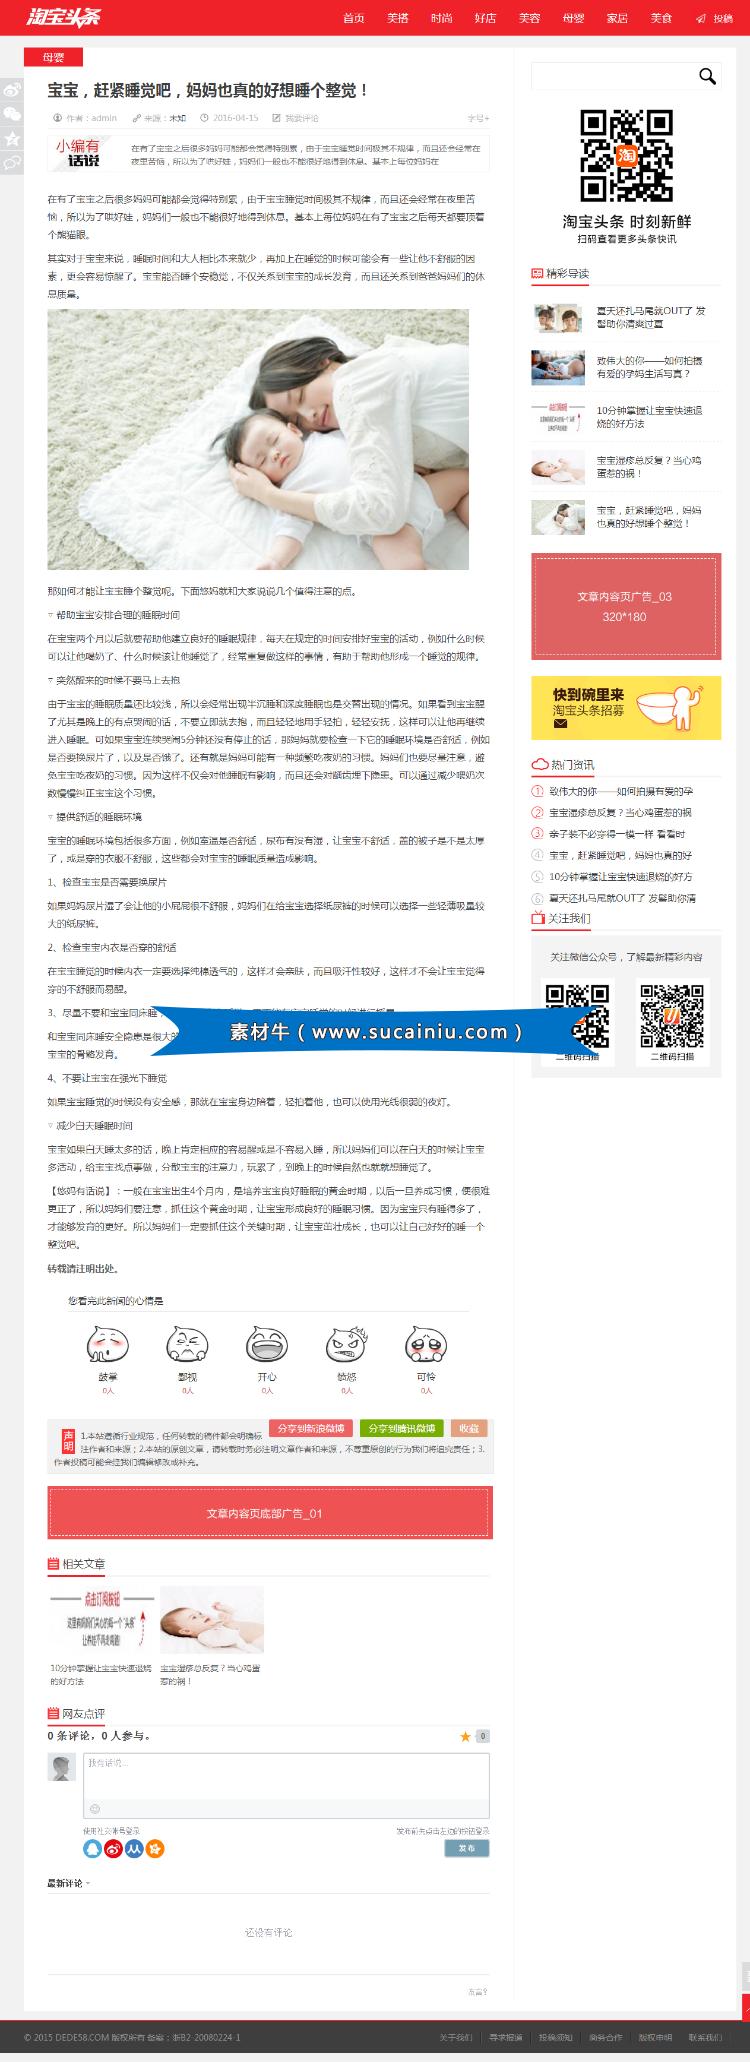 新闻资讯自媒体淘宝头条织梦源码(带手机端可投稿)+PC+移动端+利于SEO优化+可投稿+会